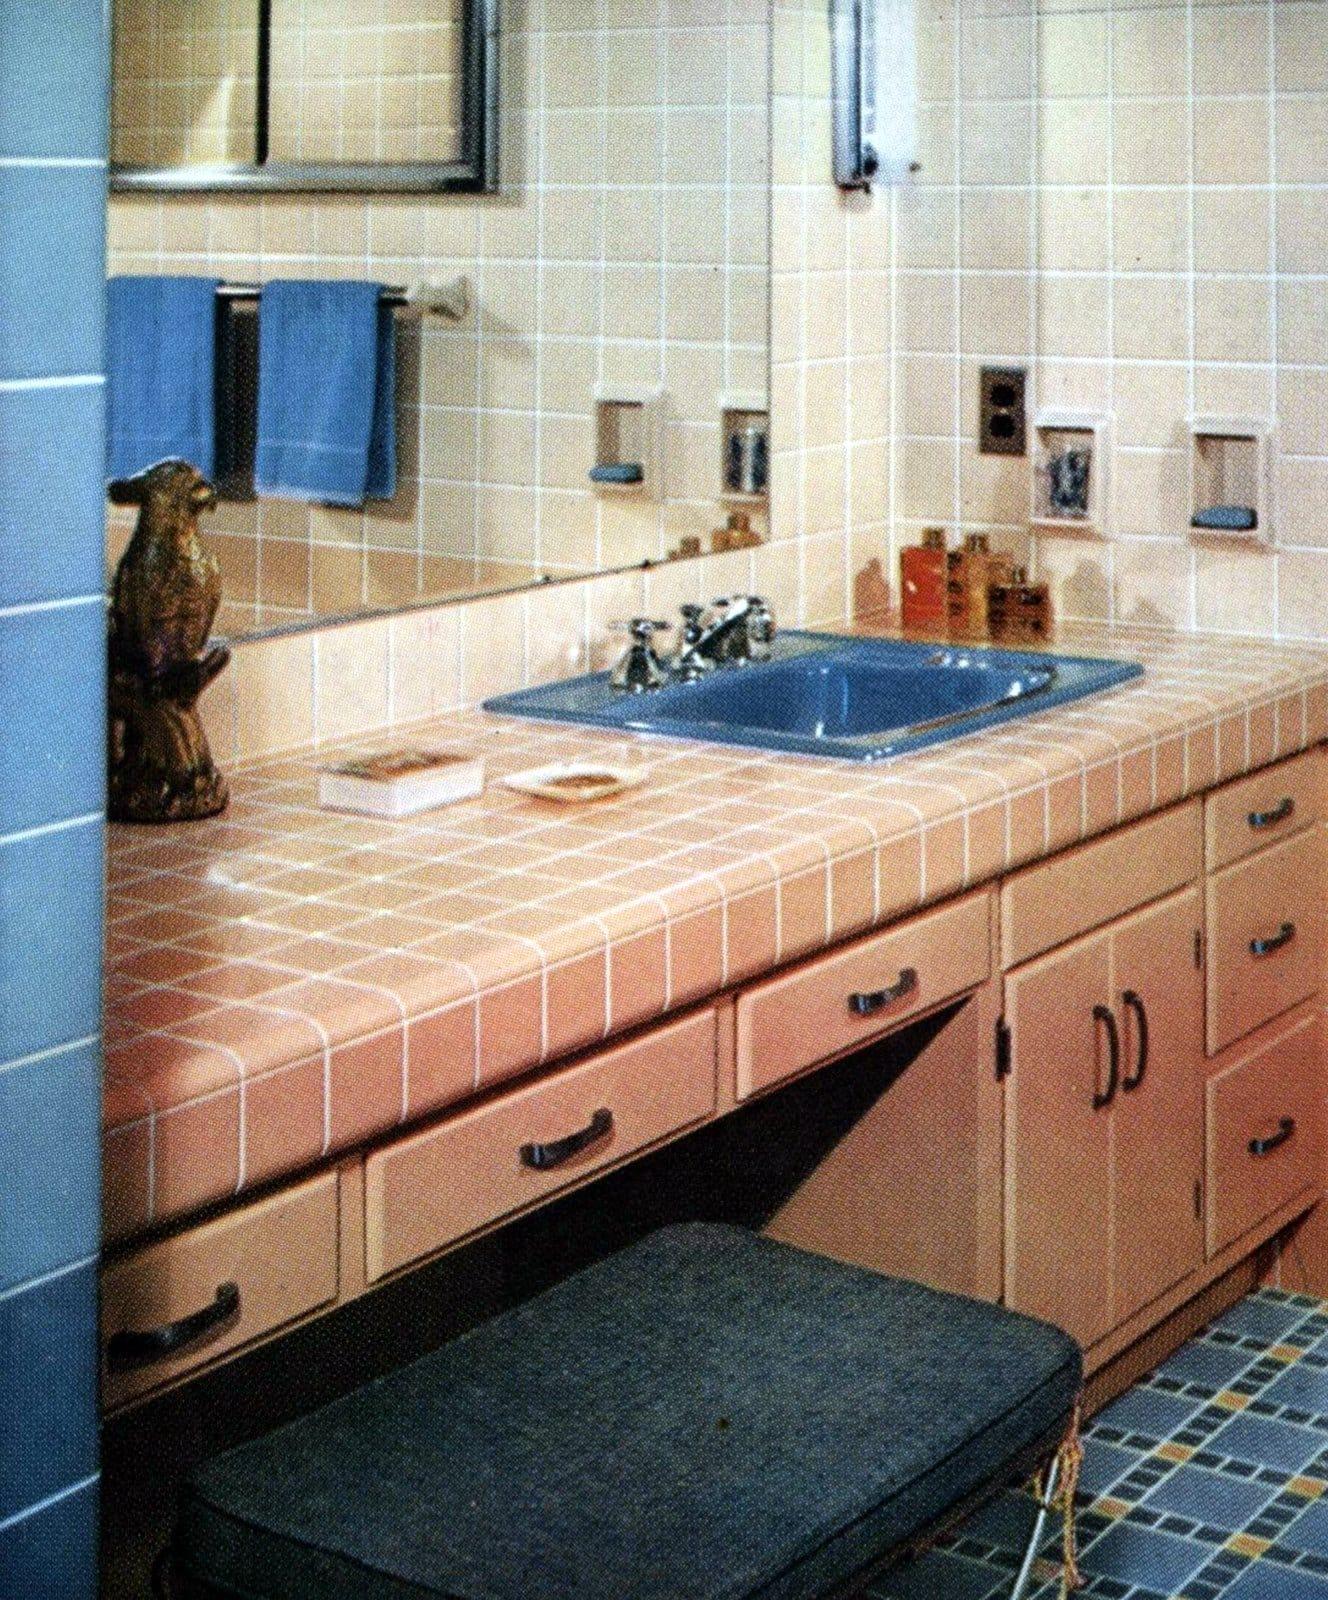 Vintage 1950s tile bathroom design in pink and blue